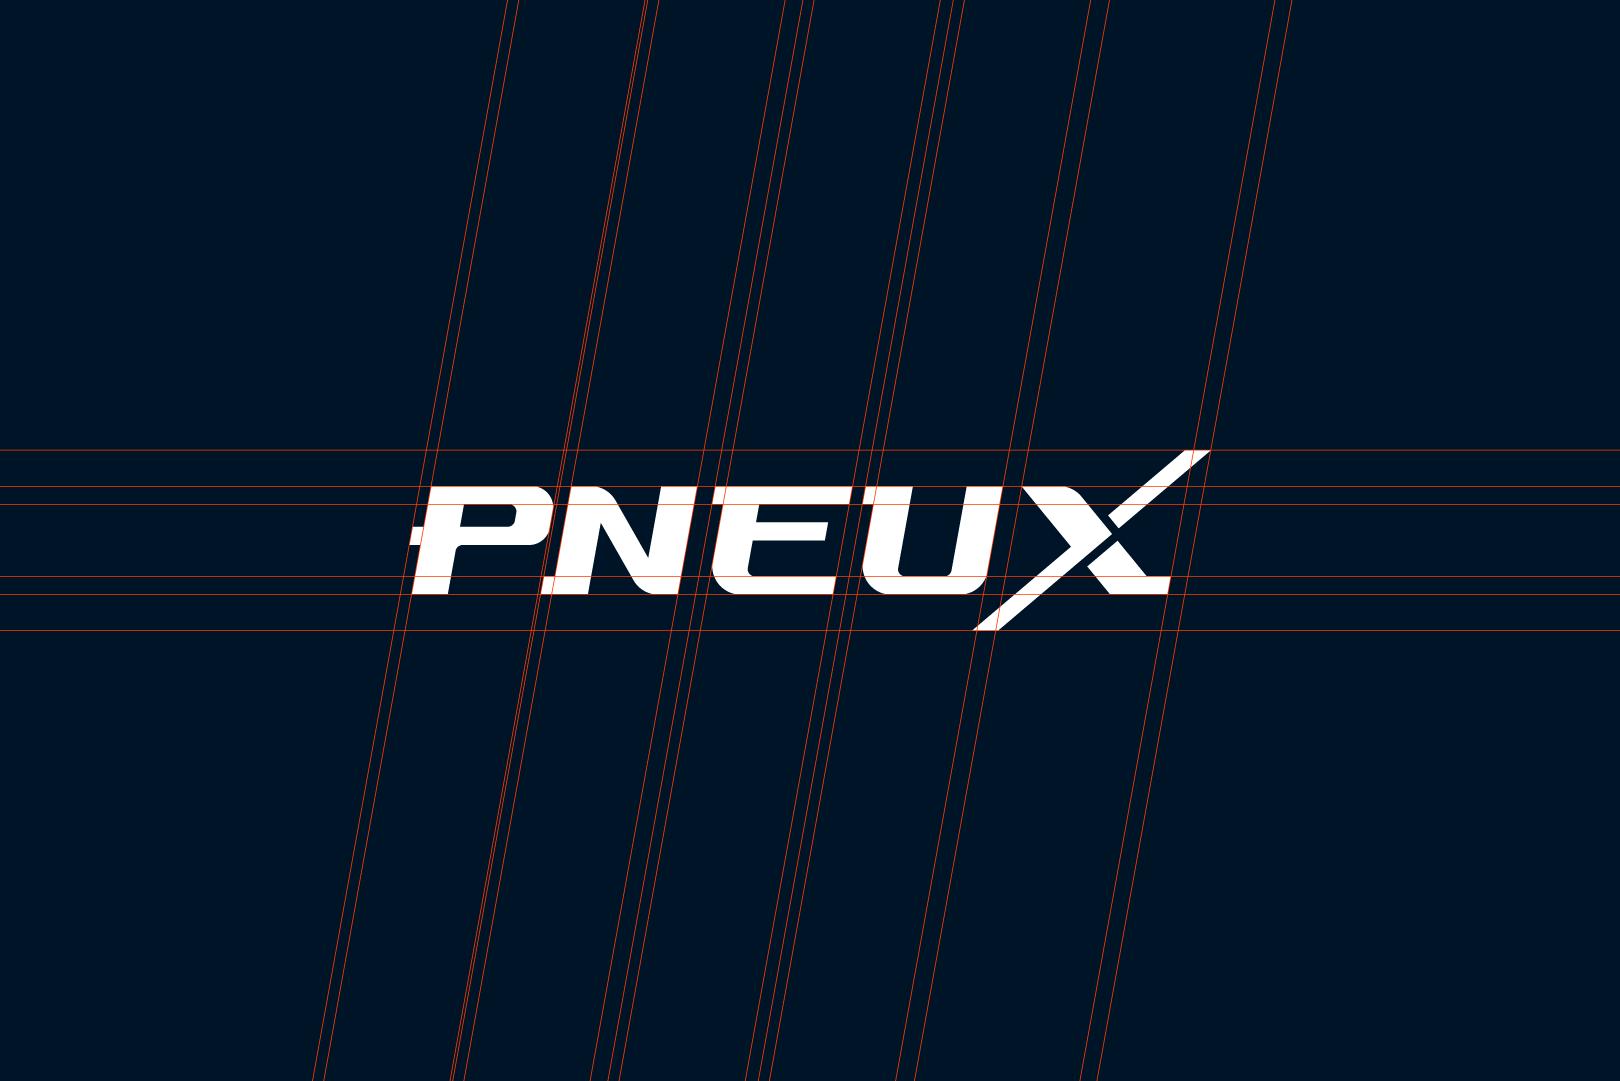 Pneux 03